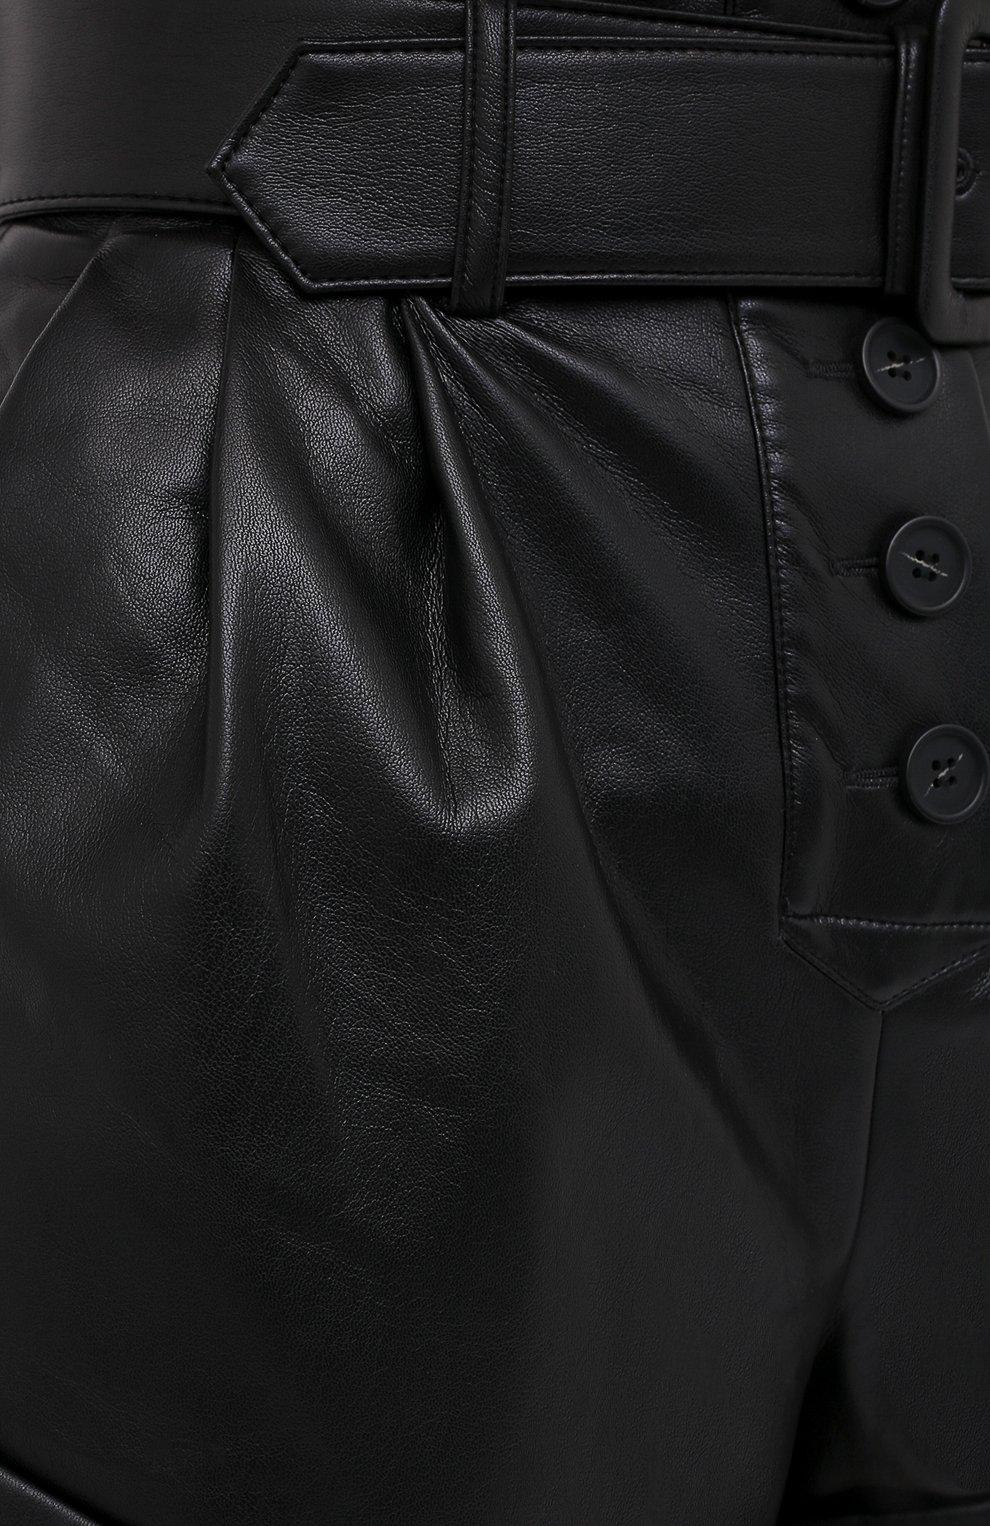 Женские шорты с поясом SELF-PORTRAIT черного цвета, арт. PF20-135   Фото 5 (Женское Кросс-КТ: Шорты-одежда; Длина Ж (юбки, платья, шорты): Мини; Материал внешний: Синтетический материал; Материал подклада: Синтетический материал; Стили: Кэжуэл)